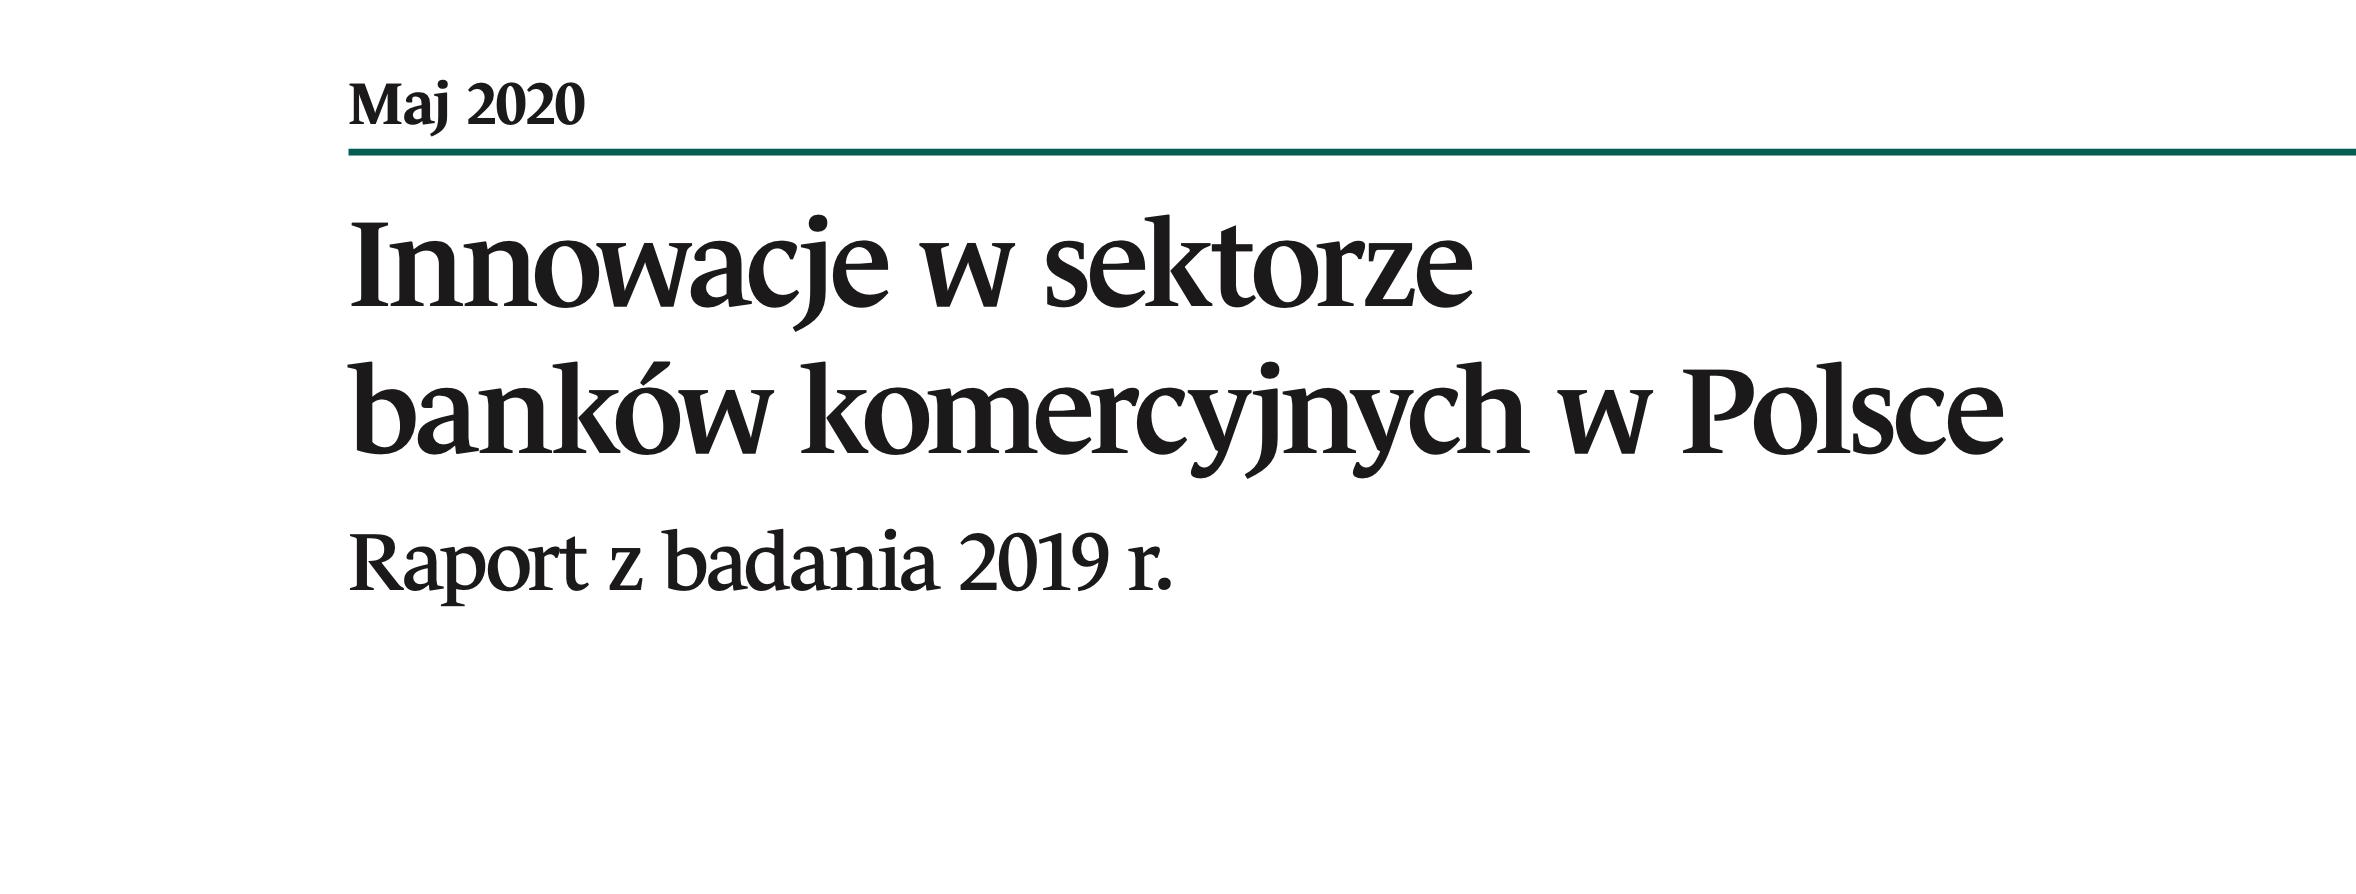 """NBP: Banki w Polsce inwestują w rozwój innowacji finansowych, ale nie wszystkie """"po równo"""". Raport """"Innowacje w sektorze banków komercyjnych w Polsce."""